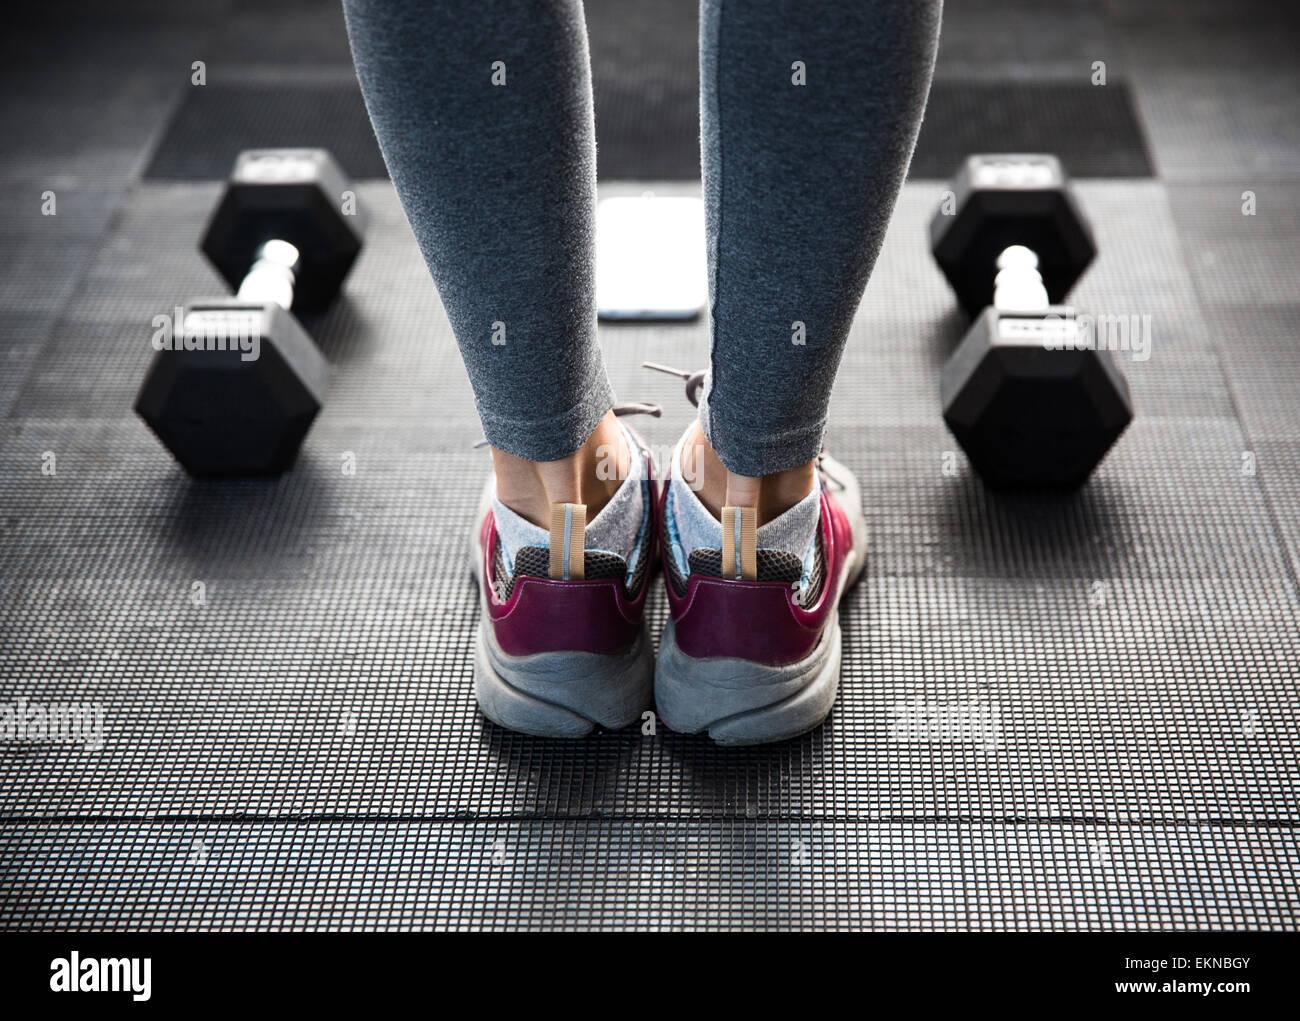 Primo piano immagine di una femmina di gambe in palestra Immagini Stock